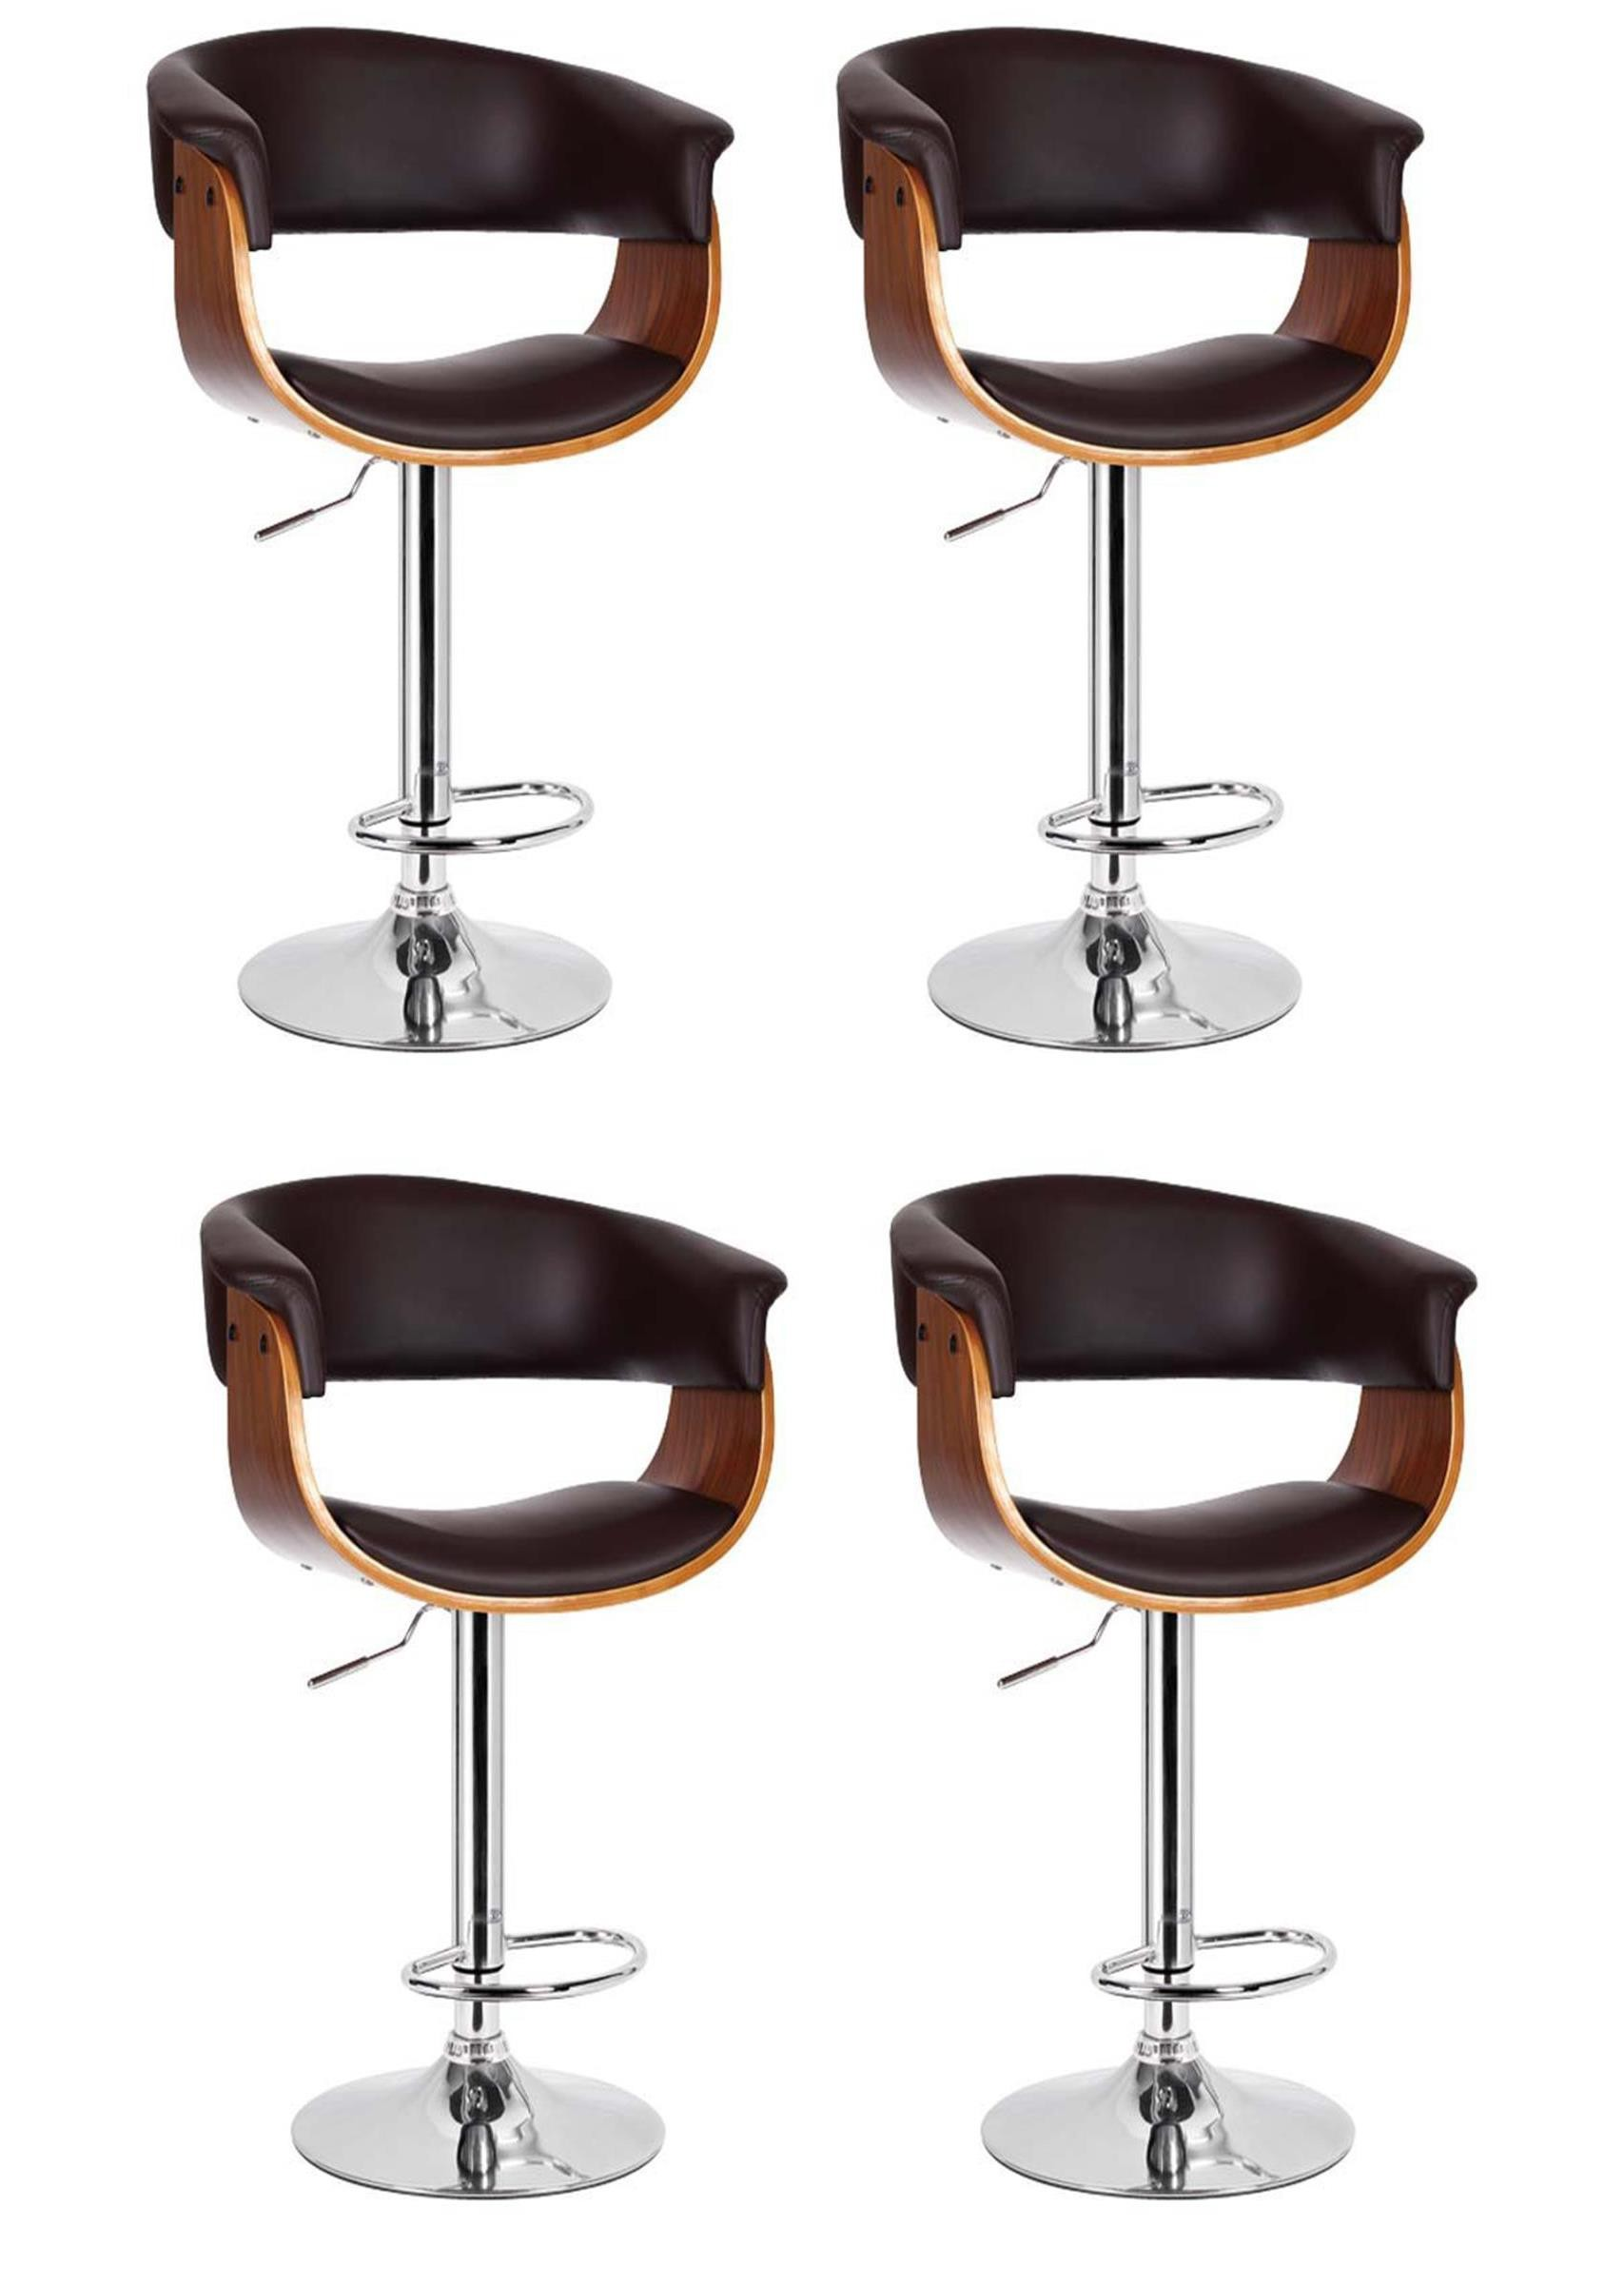 design barhocker lounge hocker stuhl barstuhl neu ovp. Black Bedroom Furniture Sets. Home Design Ideas